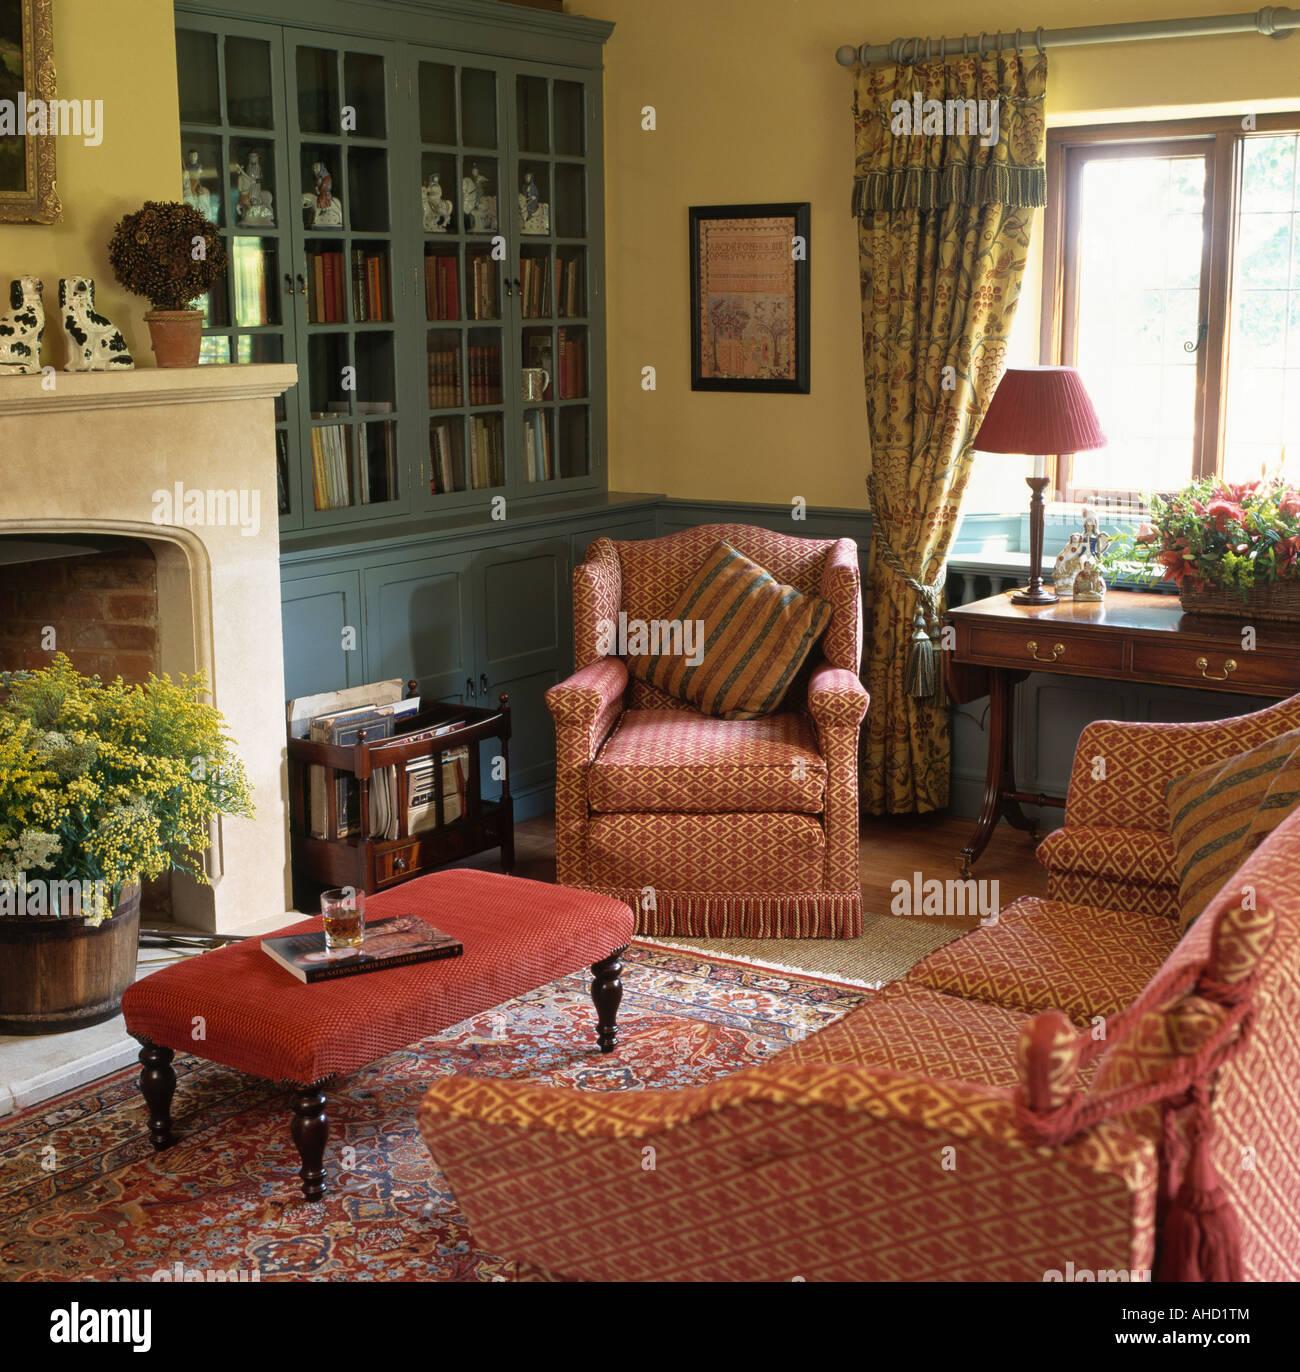 Rosso modellato divano e poltrona in soggiorno con pareti